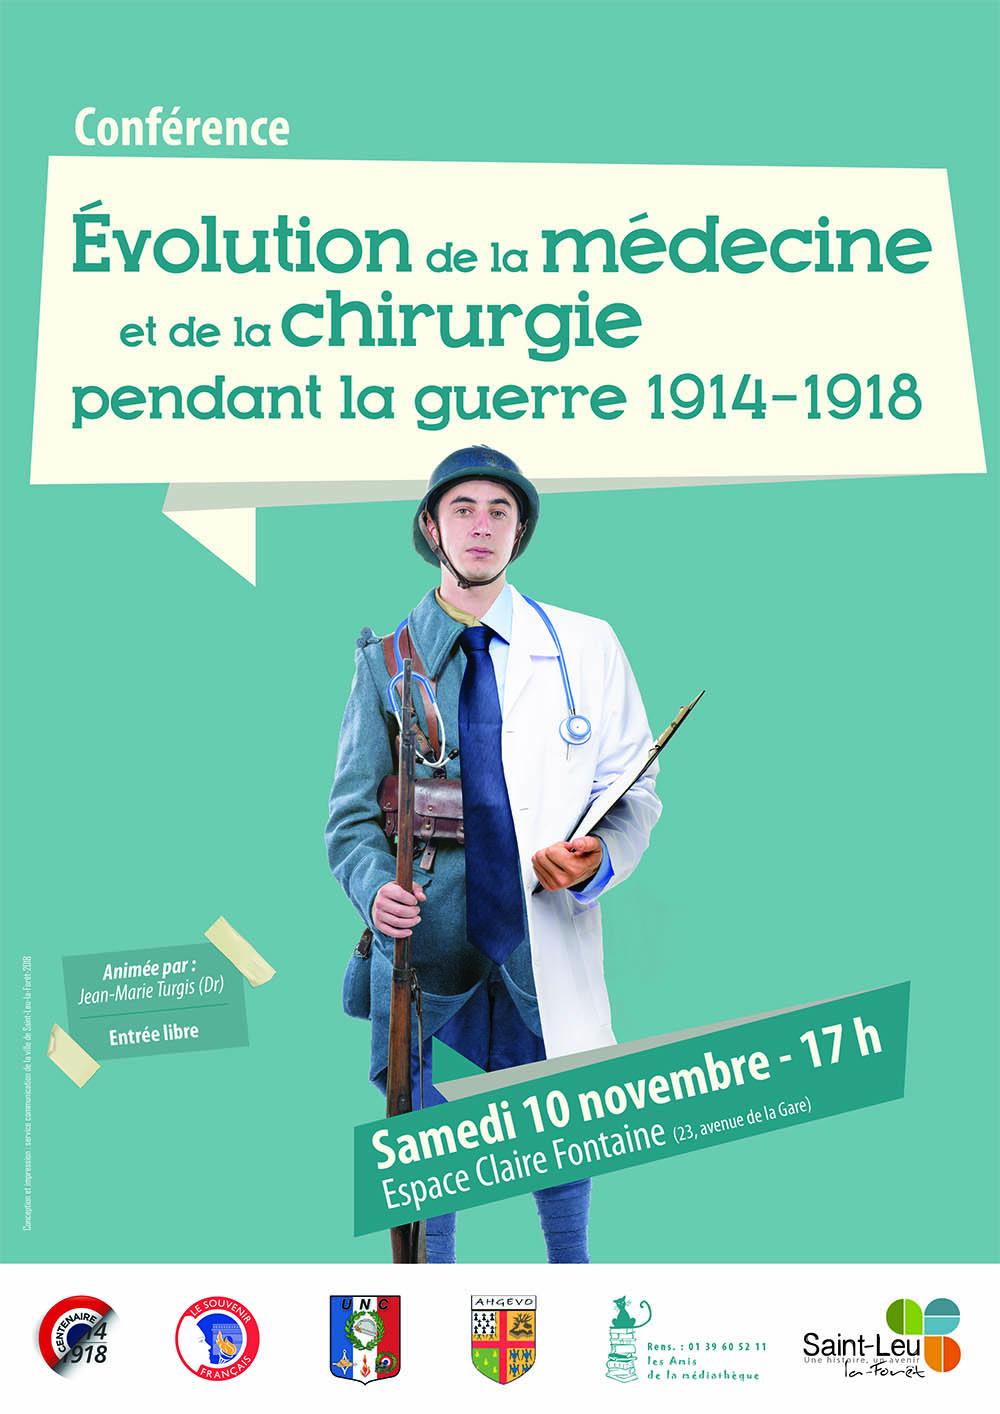 Conférence : evolution de la medecine et de la chirurgie pendant la guerre 1914 1918